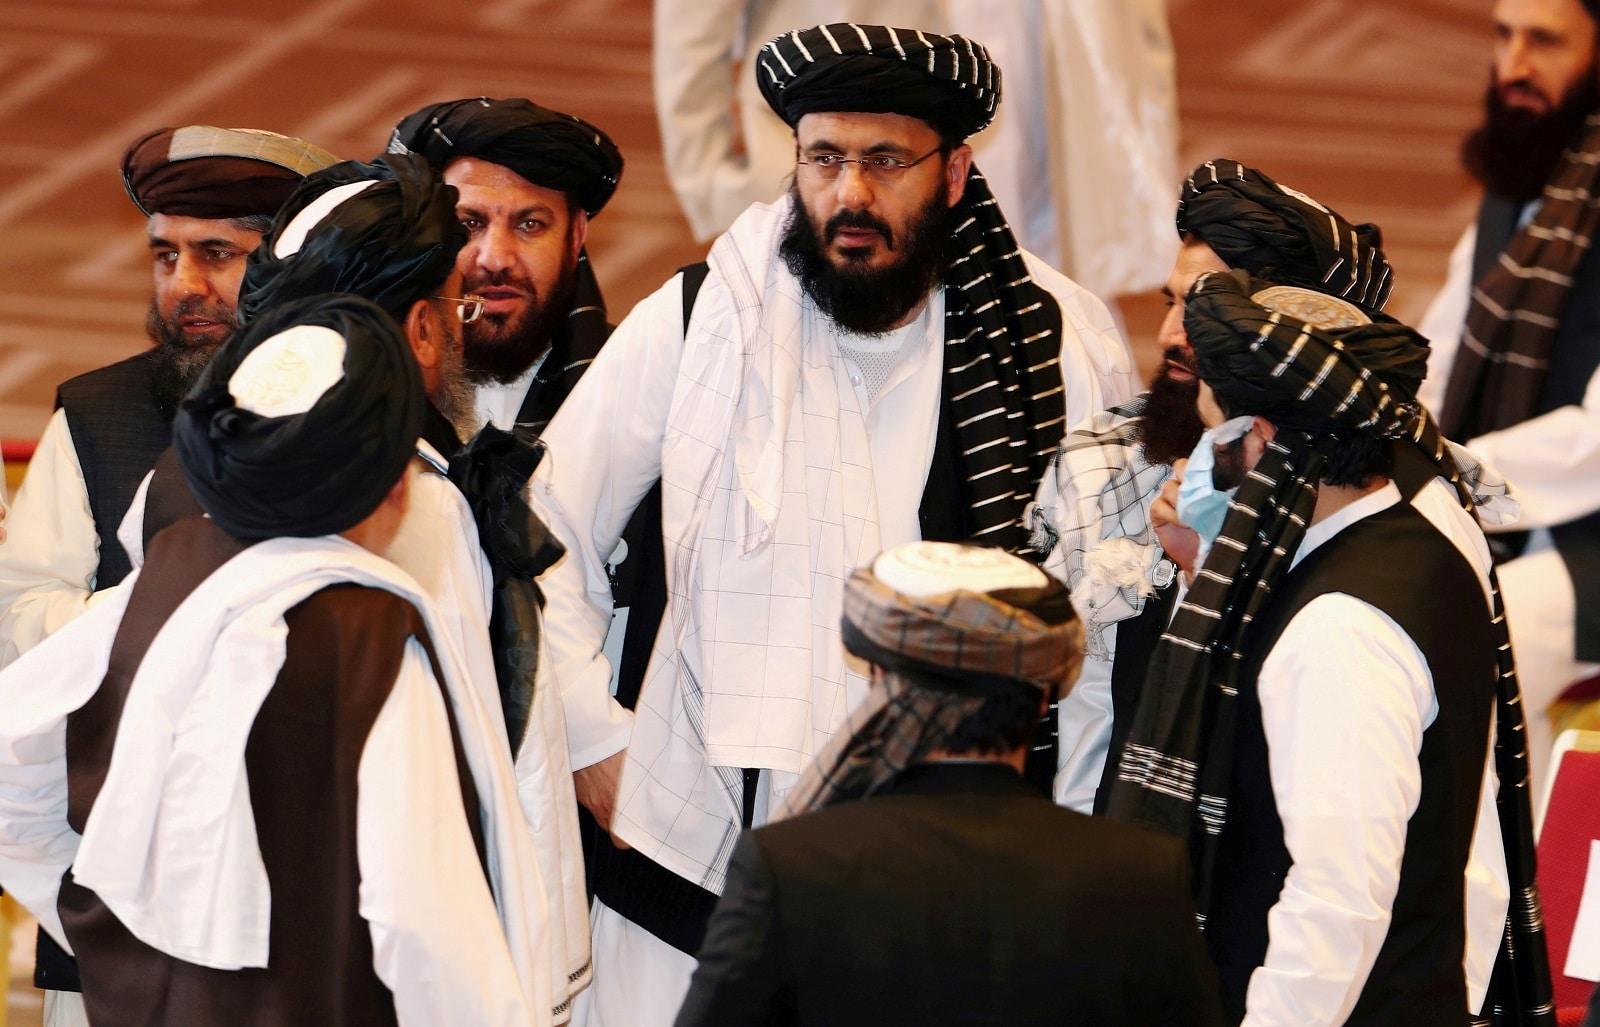 نظام المهداوي يتحدث عن طالبان